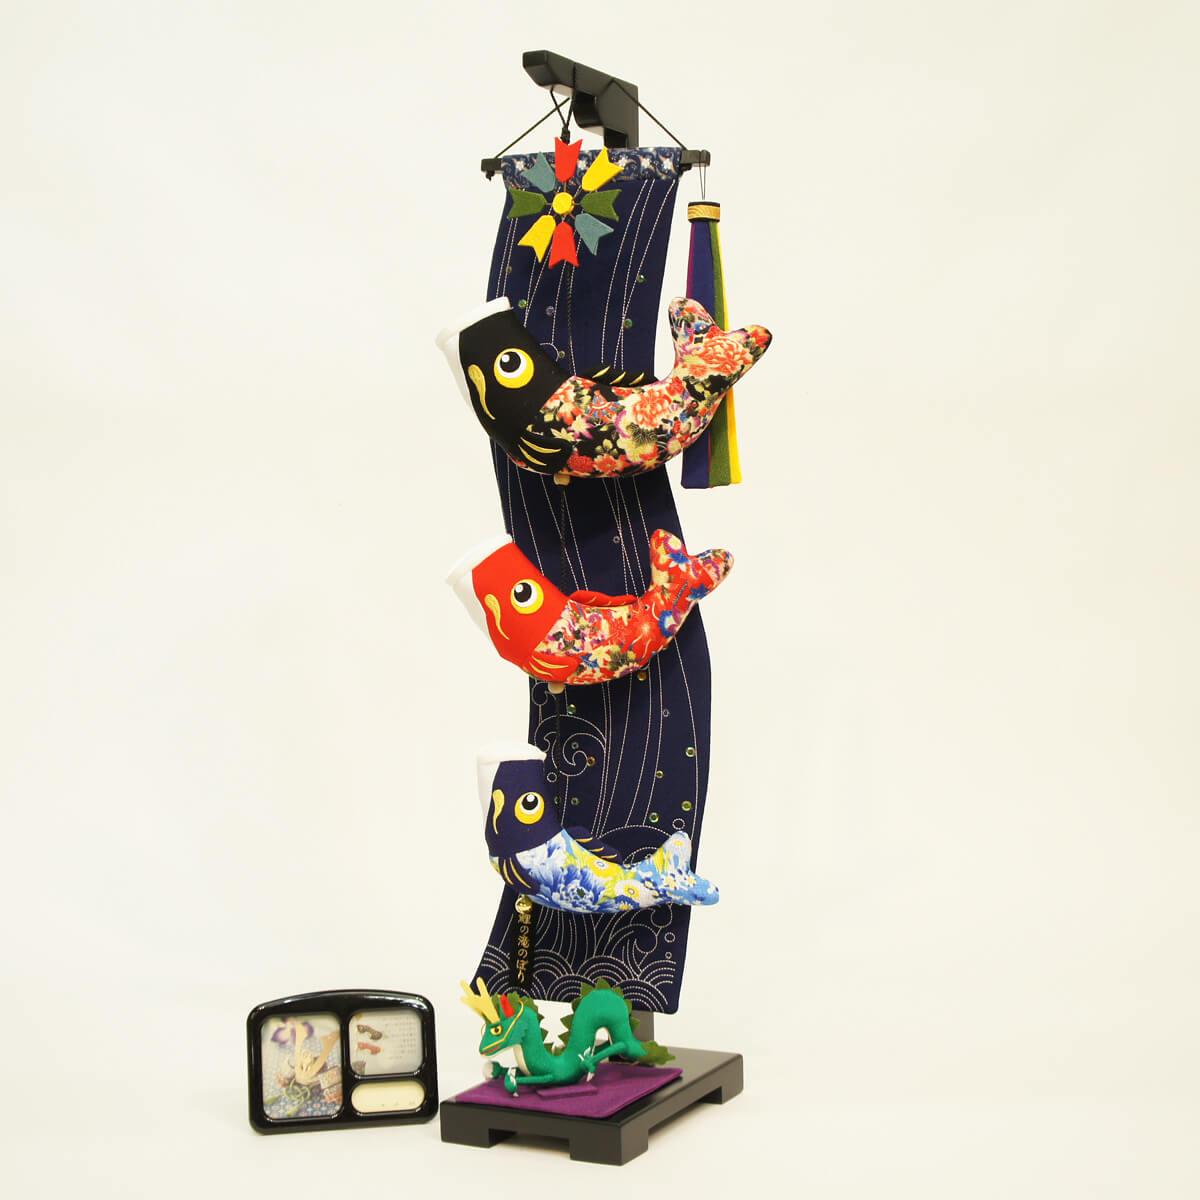 室内 鯉のぼり 鯉の滝登り 中 (スタンド・オルゴール付) TRS-BK-KTM送料無料 ※北海道 沖縄は除く おしゃれ で かわいい つるし飾り 吊るし飾り 室内用 こいのぼり で 端午の節句 こどもの日 のお祝いに